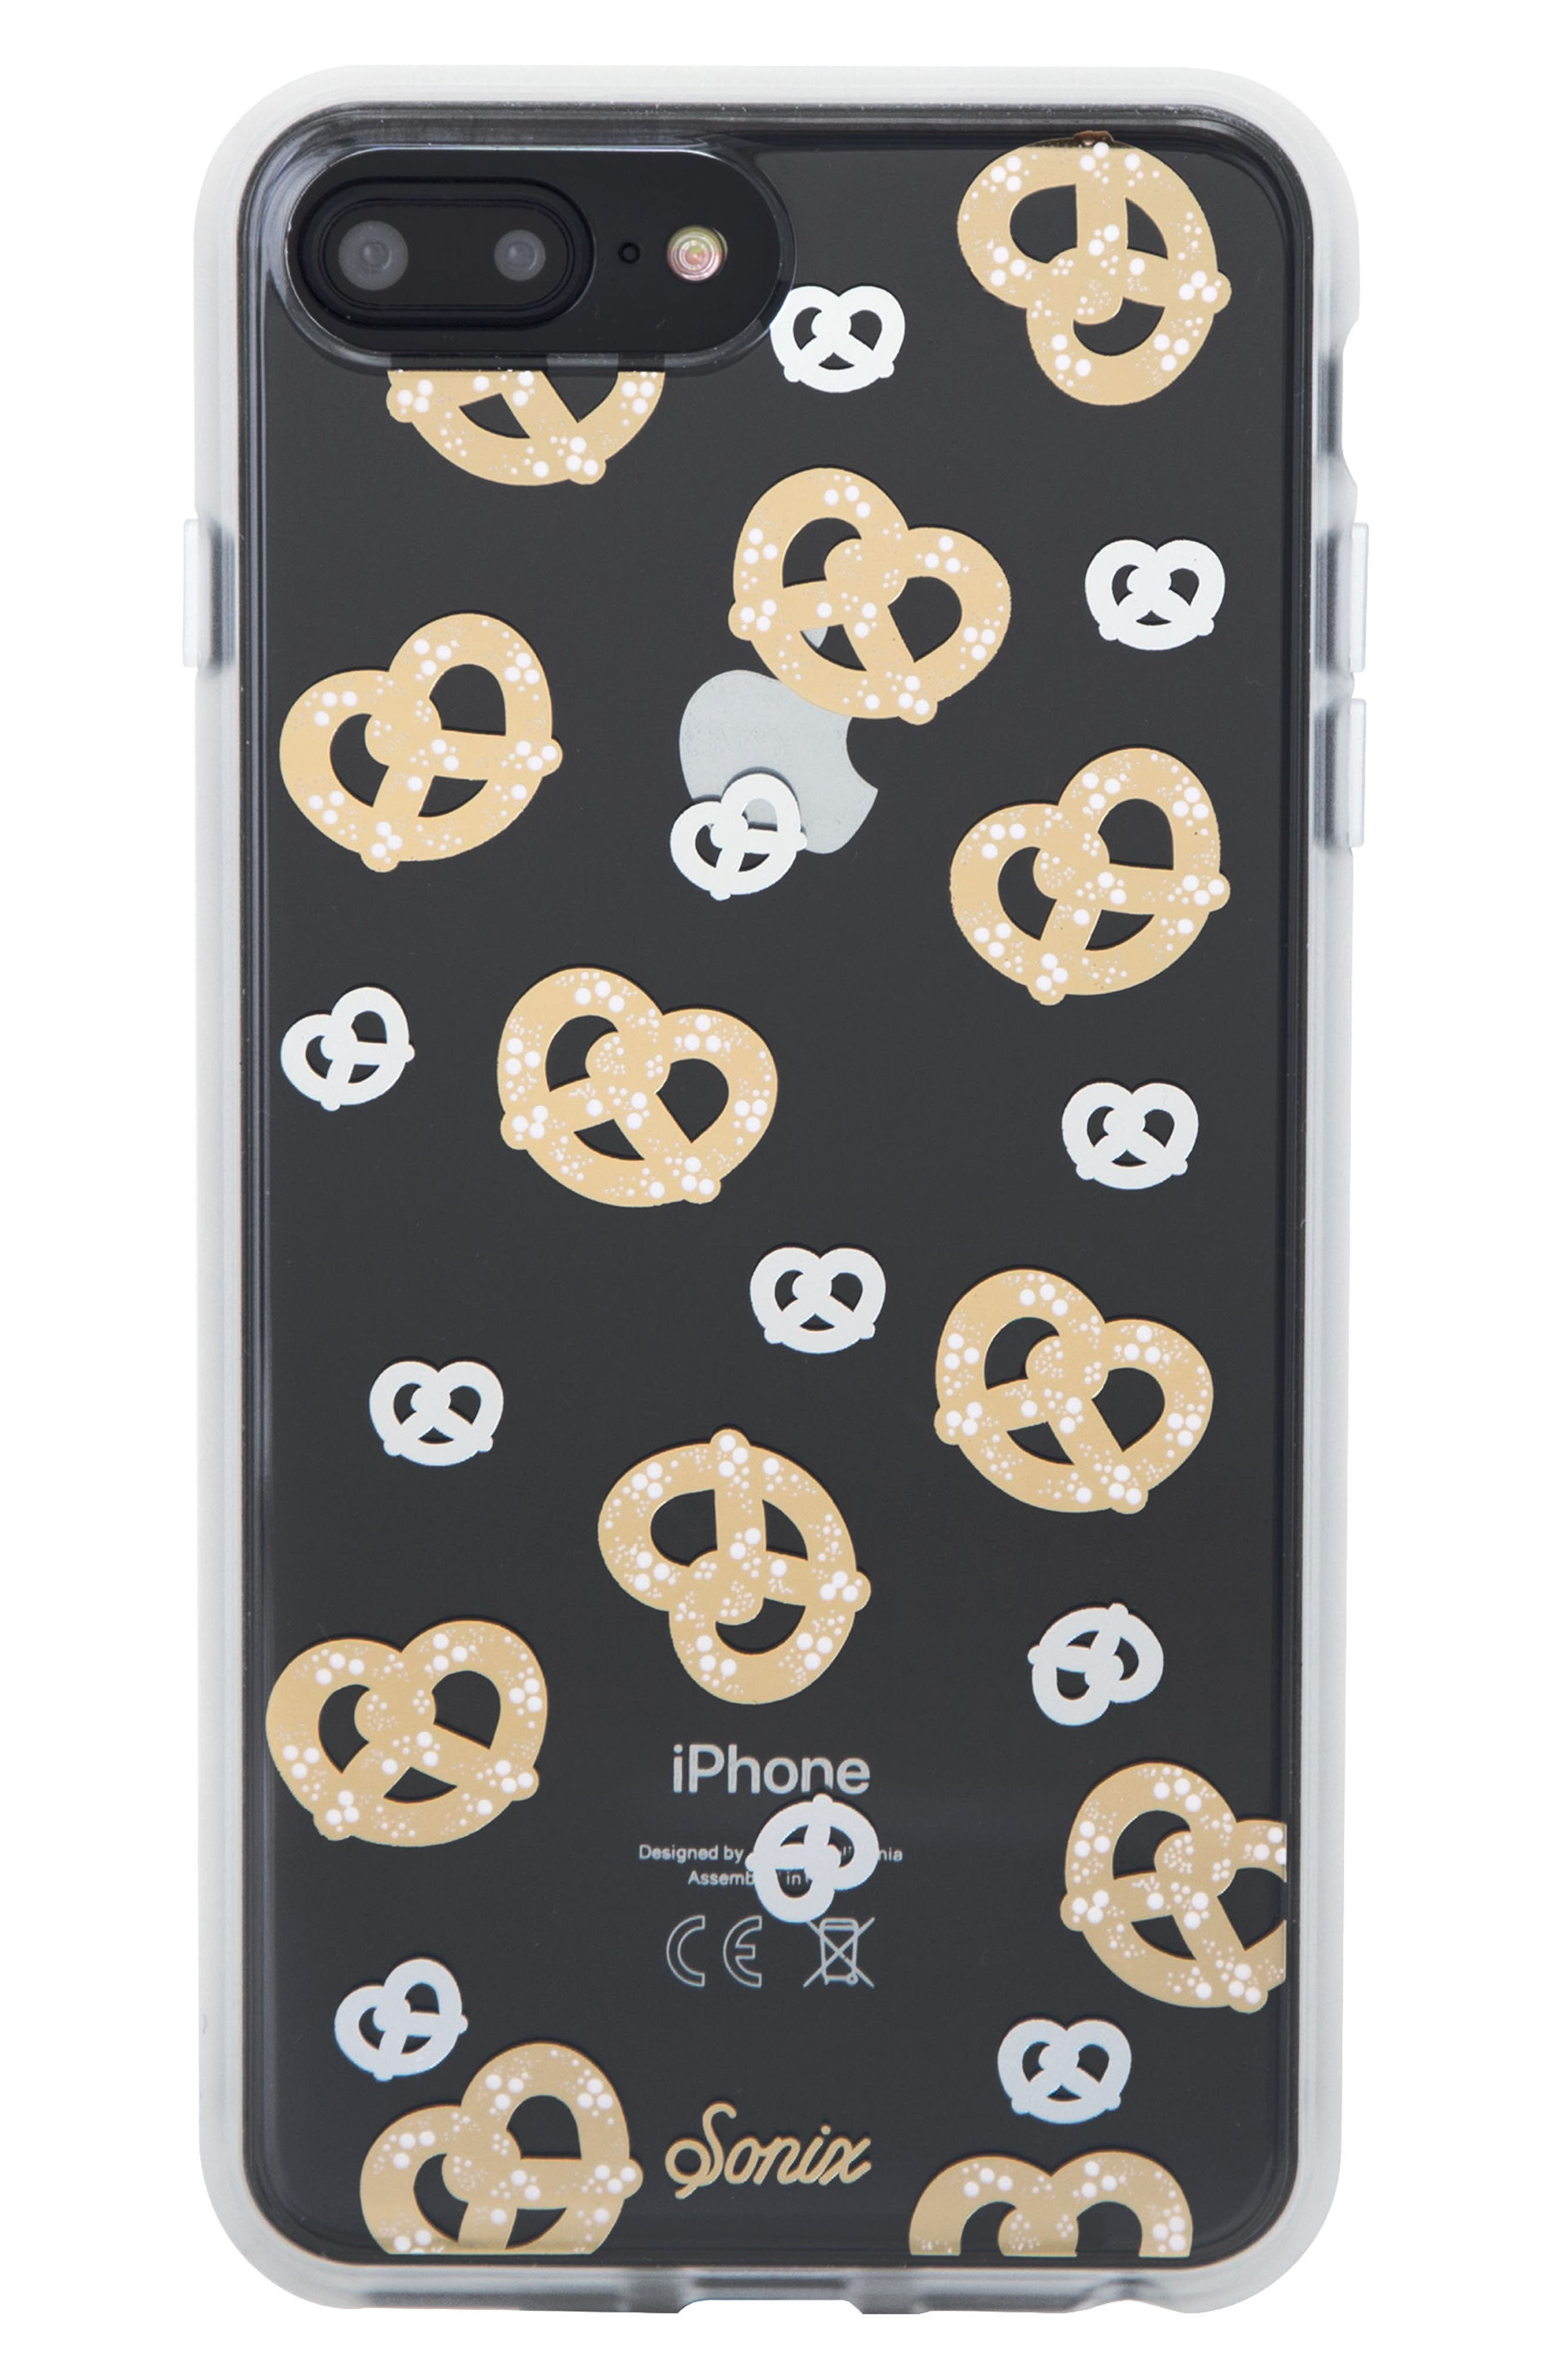 Pretzel iPhone 6/6s/7/8 & 6/6s/7/8 Plus Case,                         Main,                         color, 710